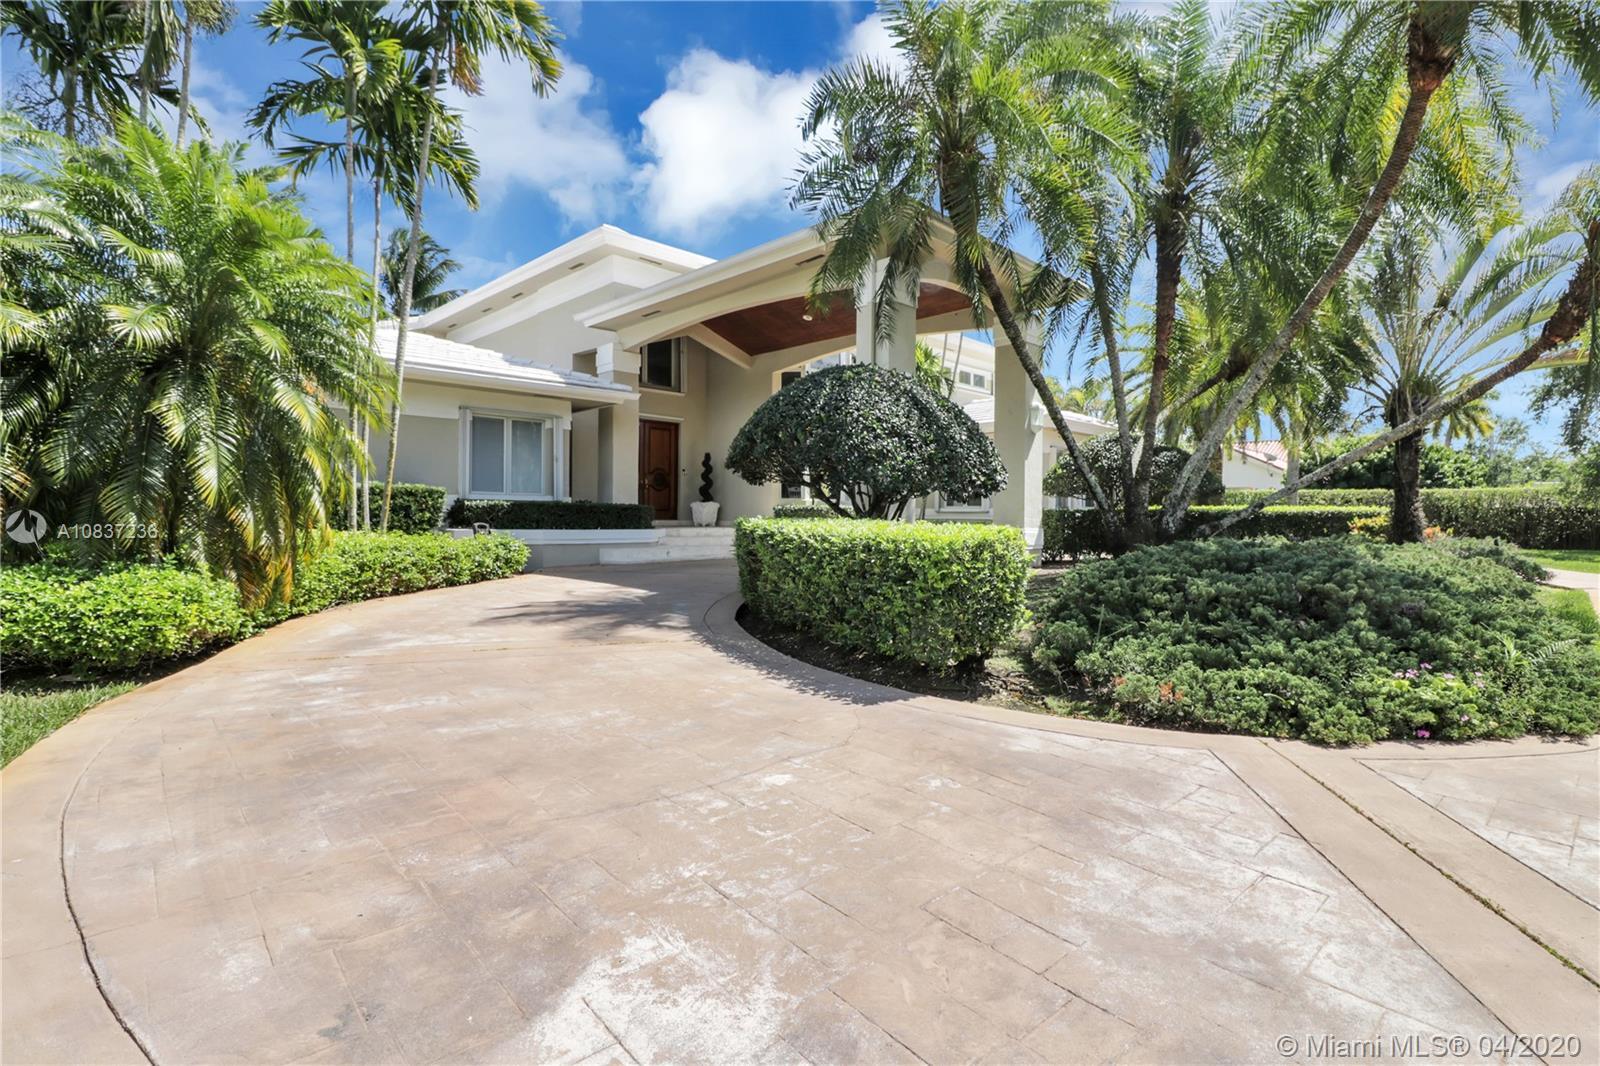 9915 SW 85th Ave, Miami, FL 33156 - Miami, FL real estate listing